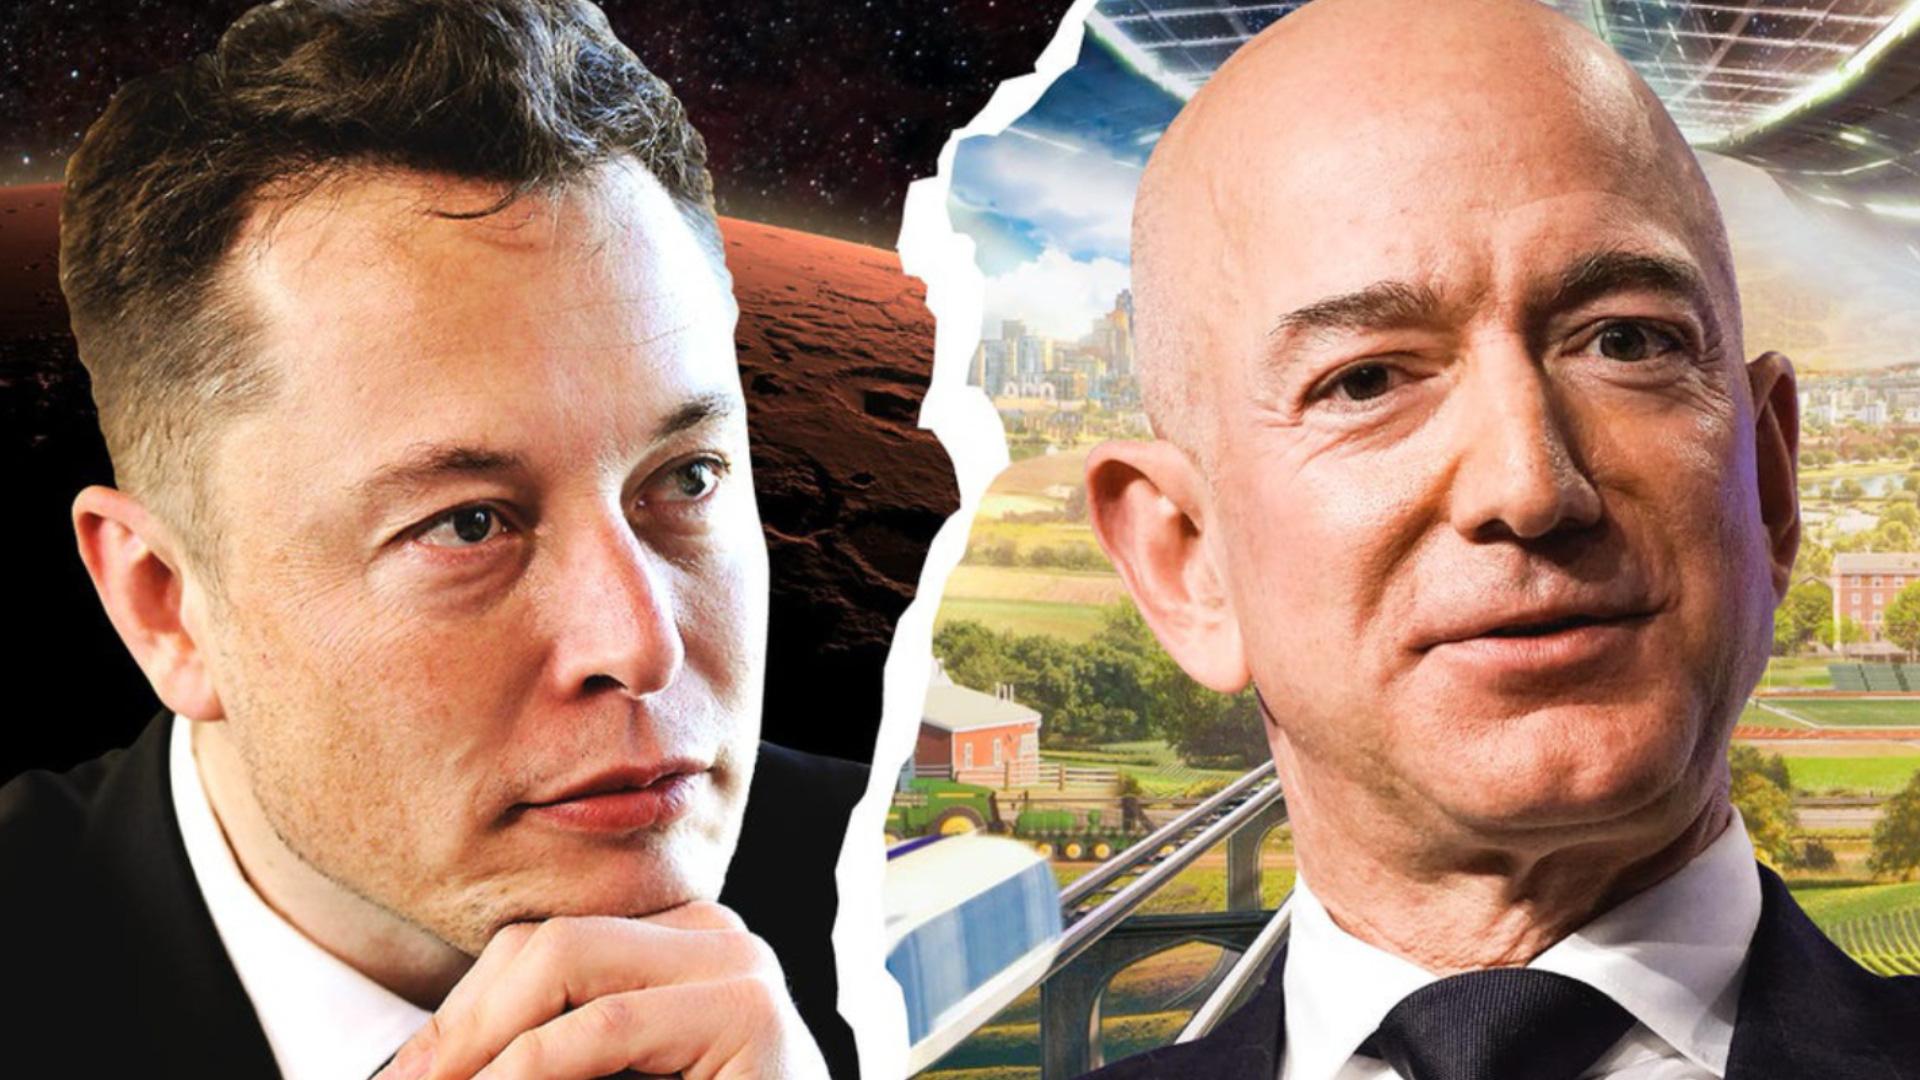 Tỉ phú Elon Musk và Jeff Bezos 'khẩu chiến' trong cuộc đua lên vũ trụ    Công nghệ   Thanh Niên